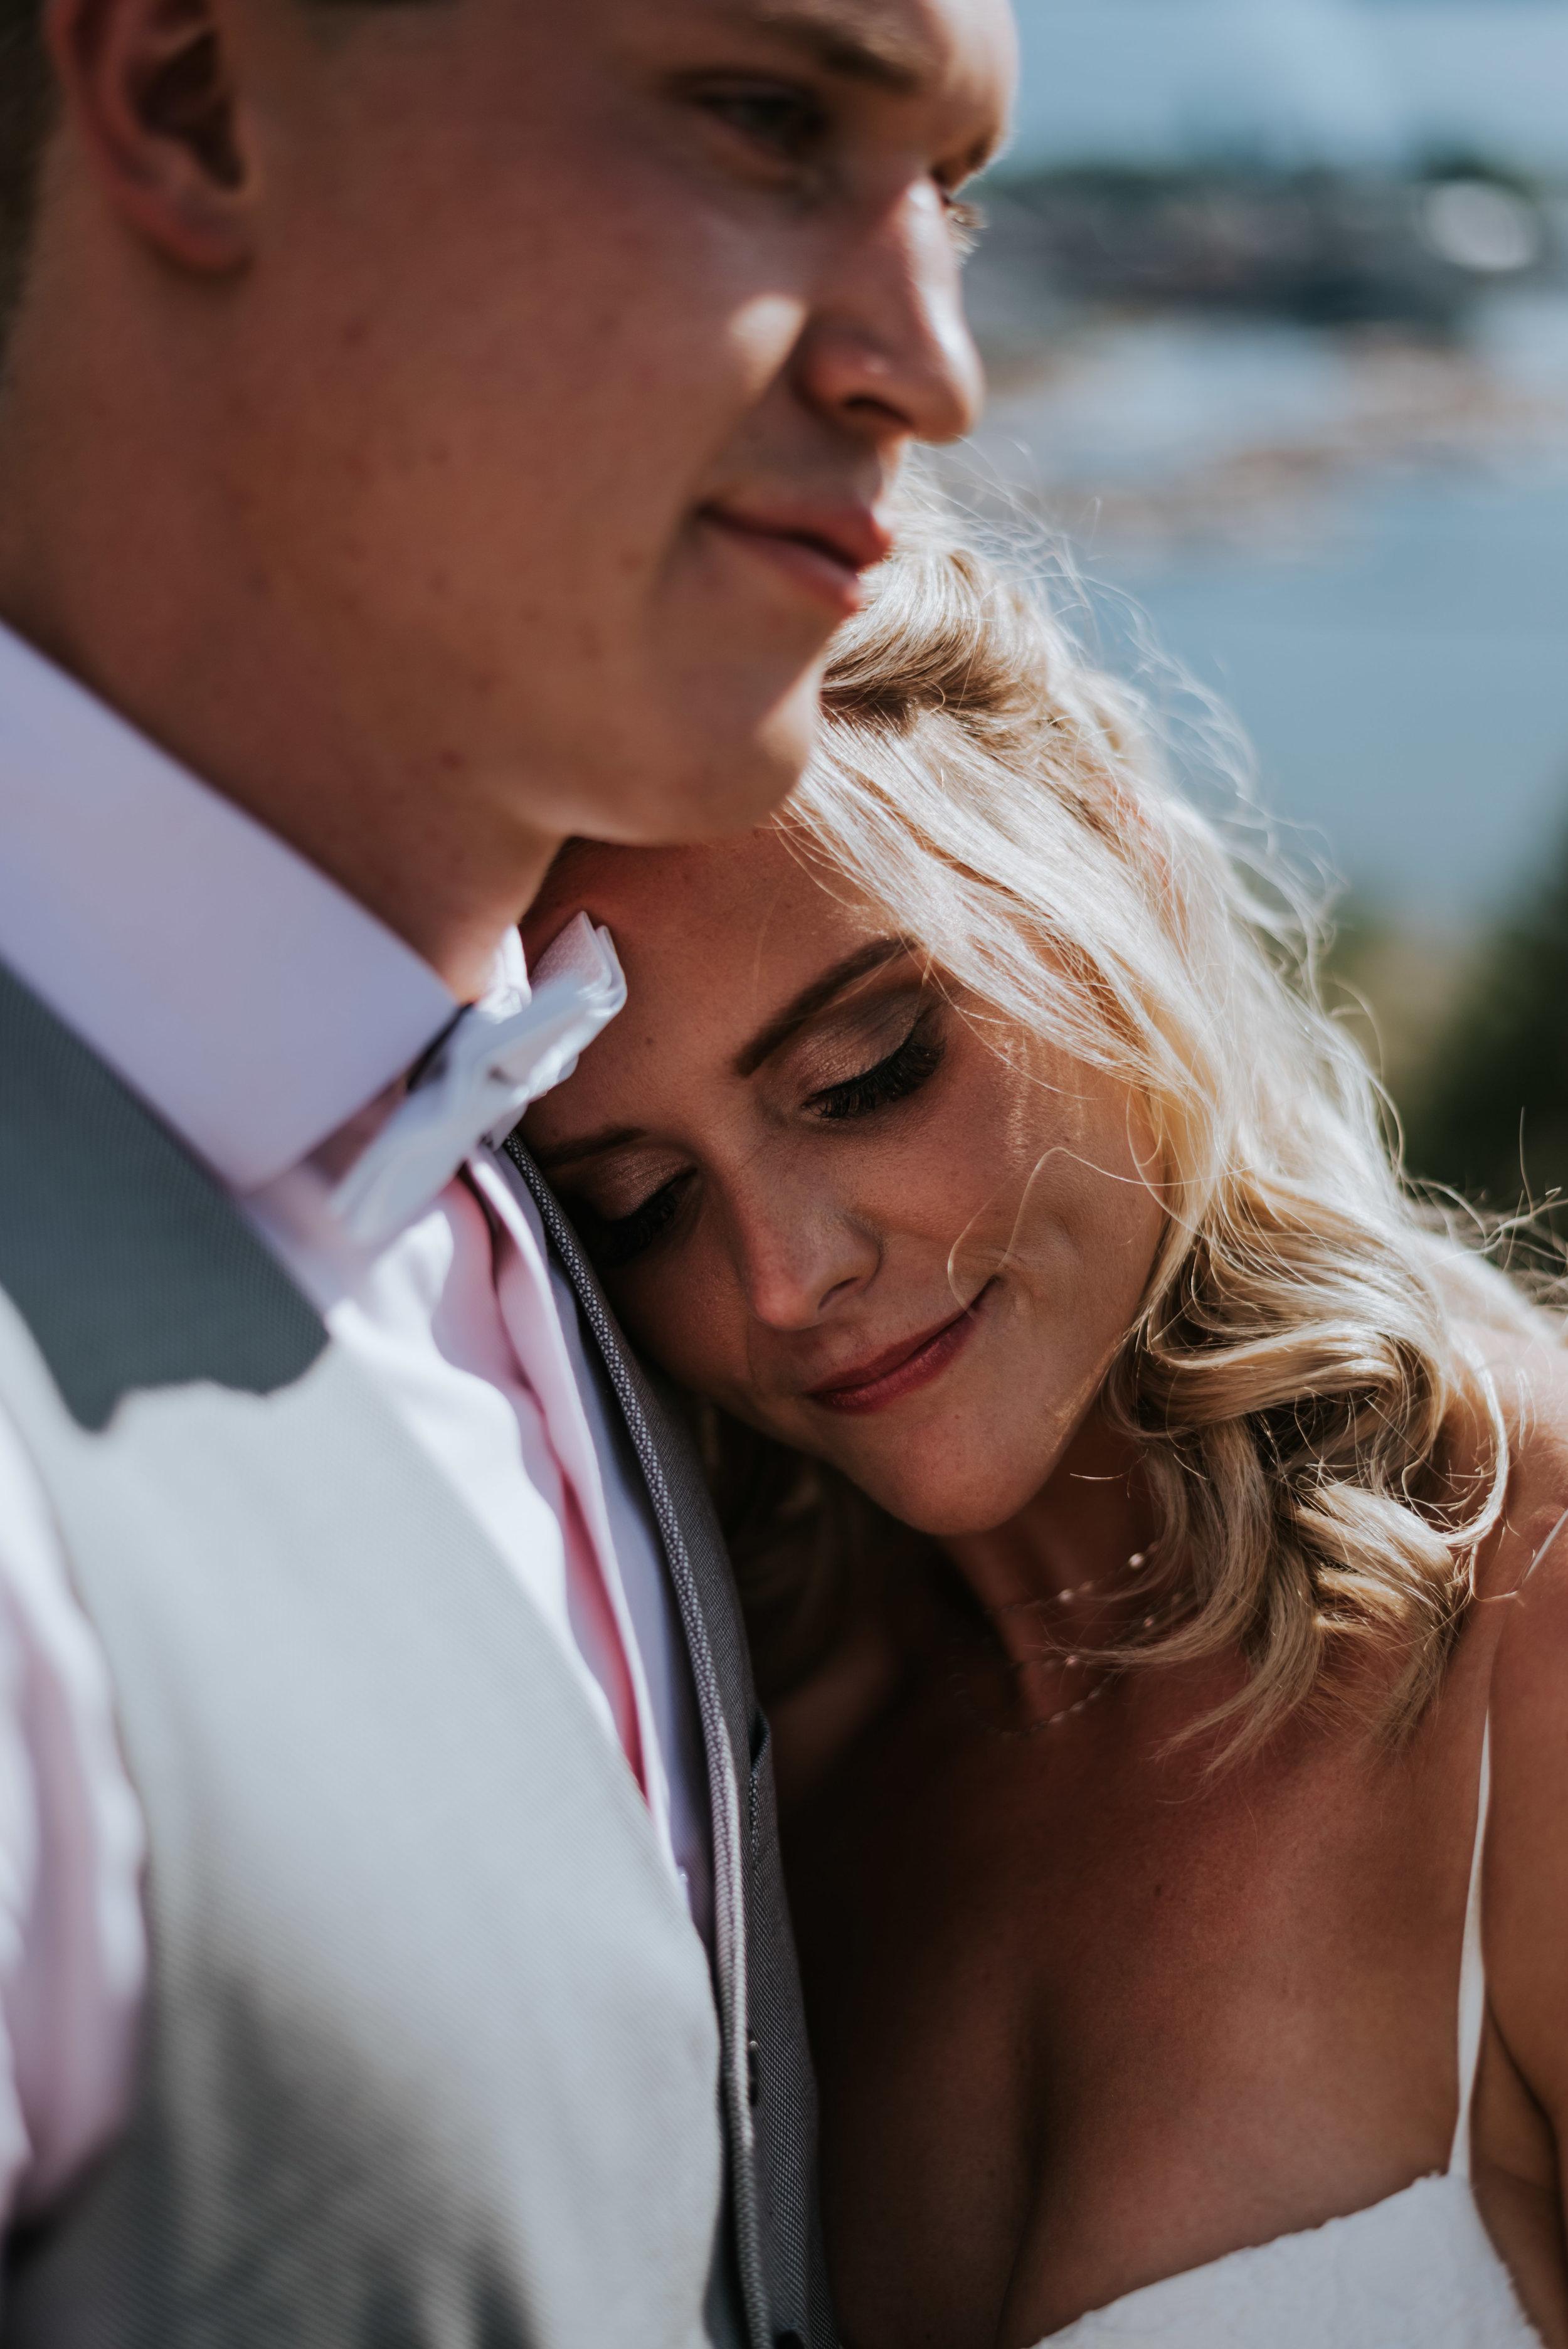 Bryan and Kaylee Kelowna-113.jpg